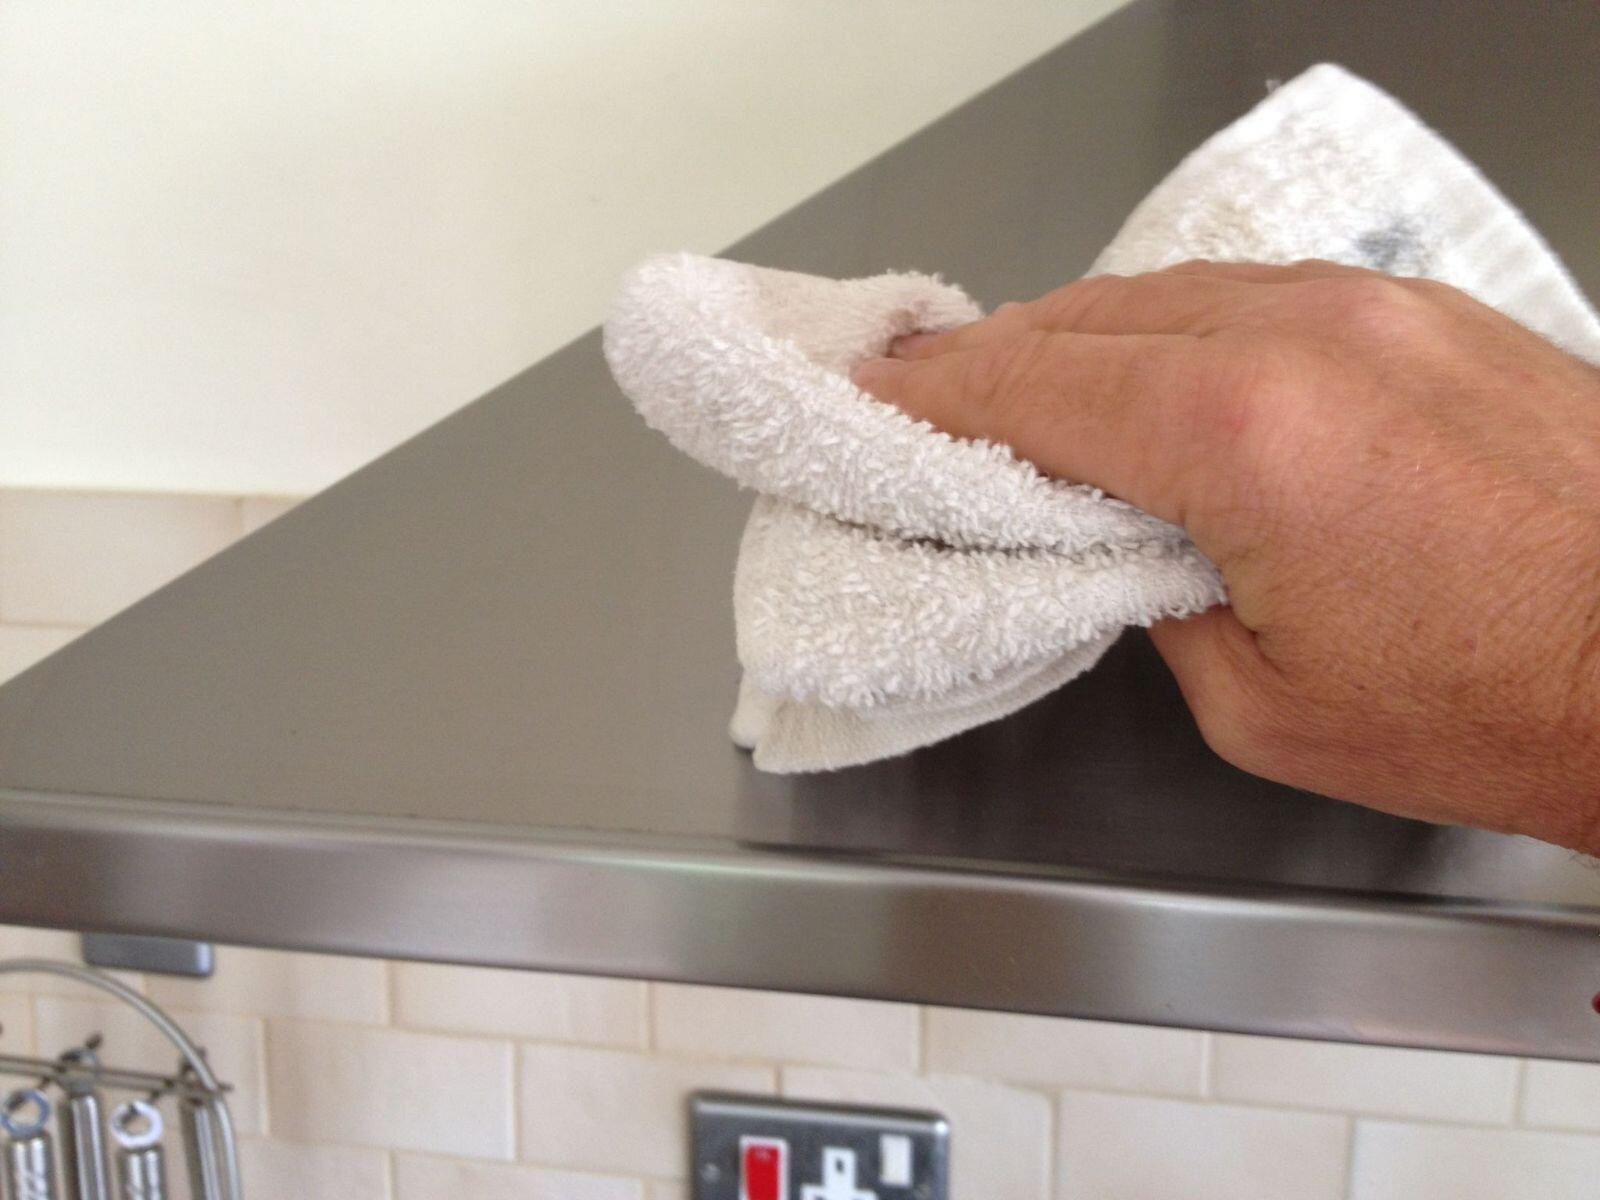 6 cách làm sạch đồ dùng inox đơn giản mà hiệu quả